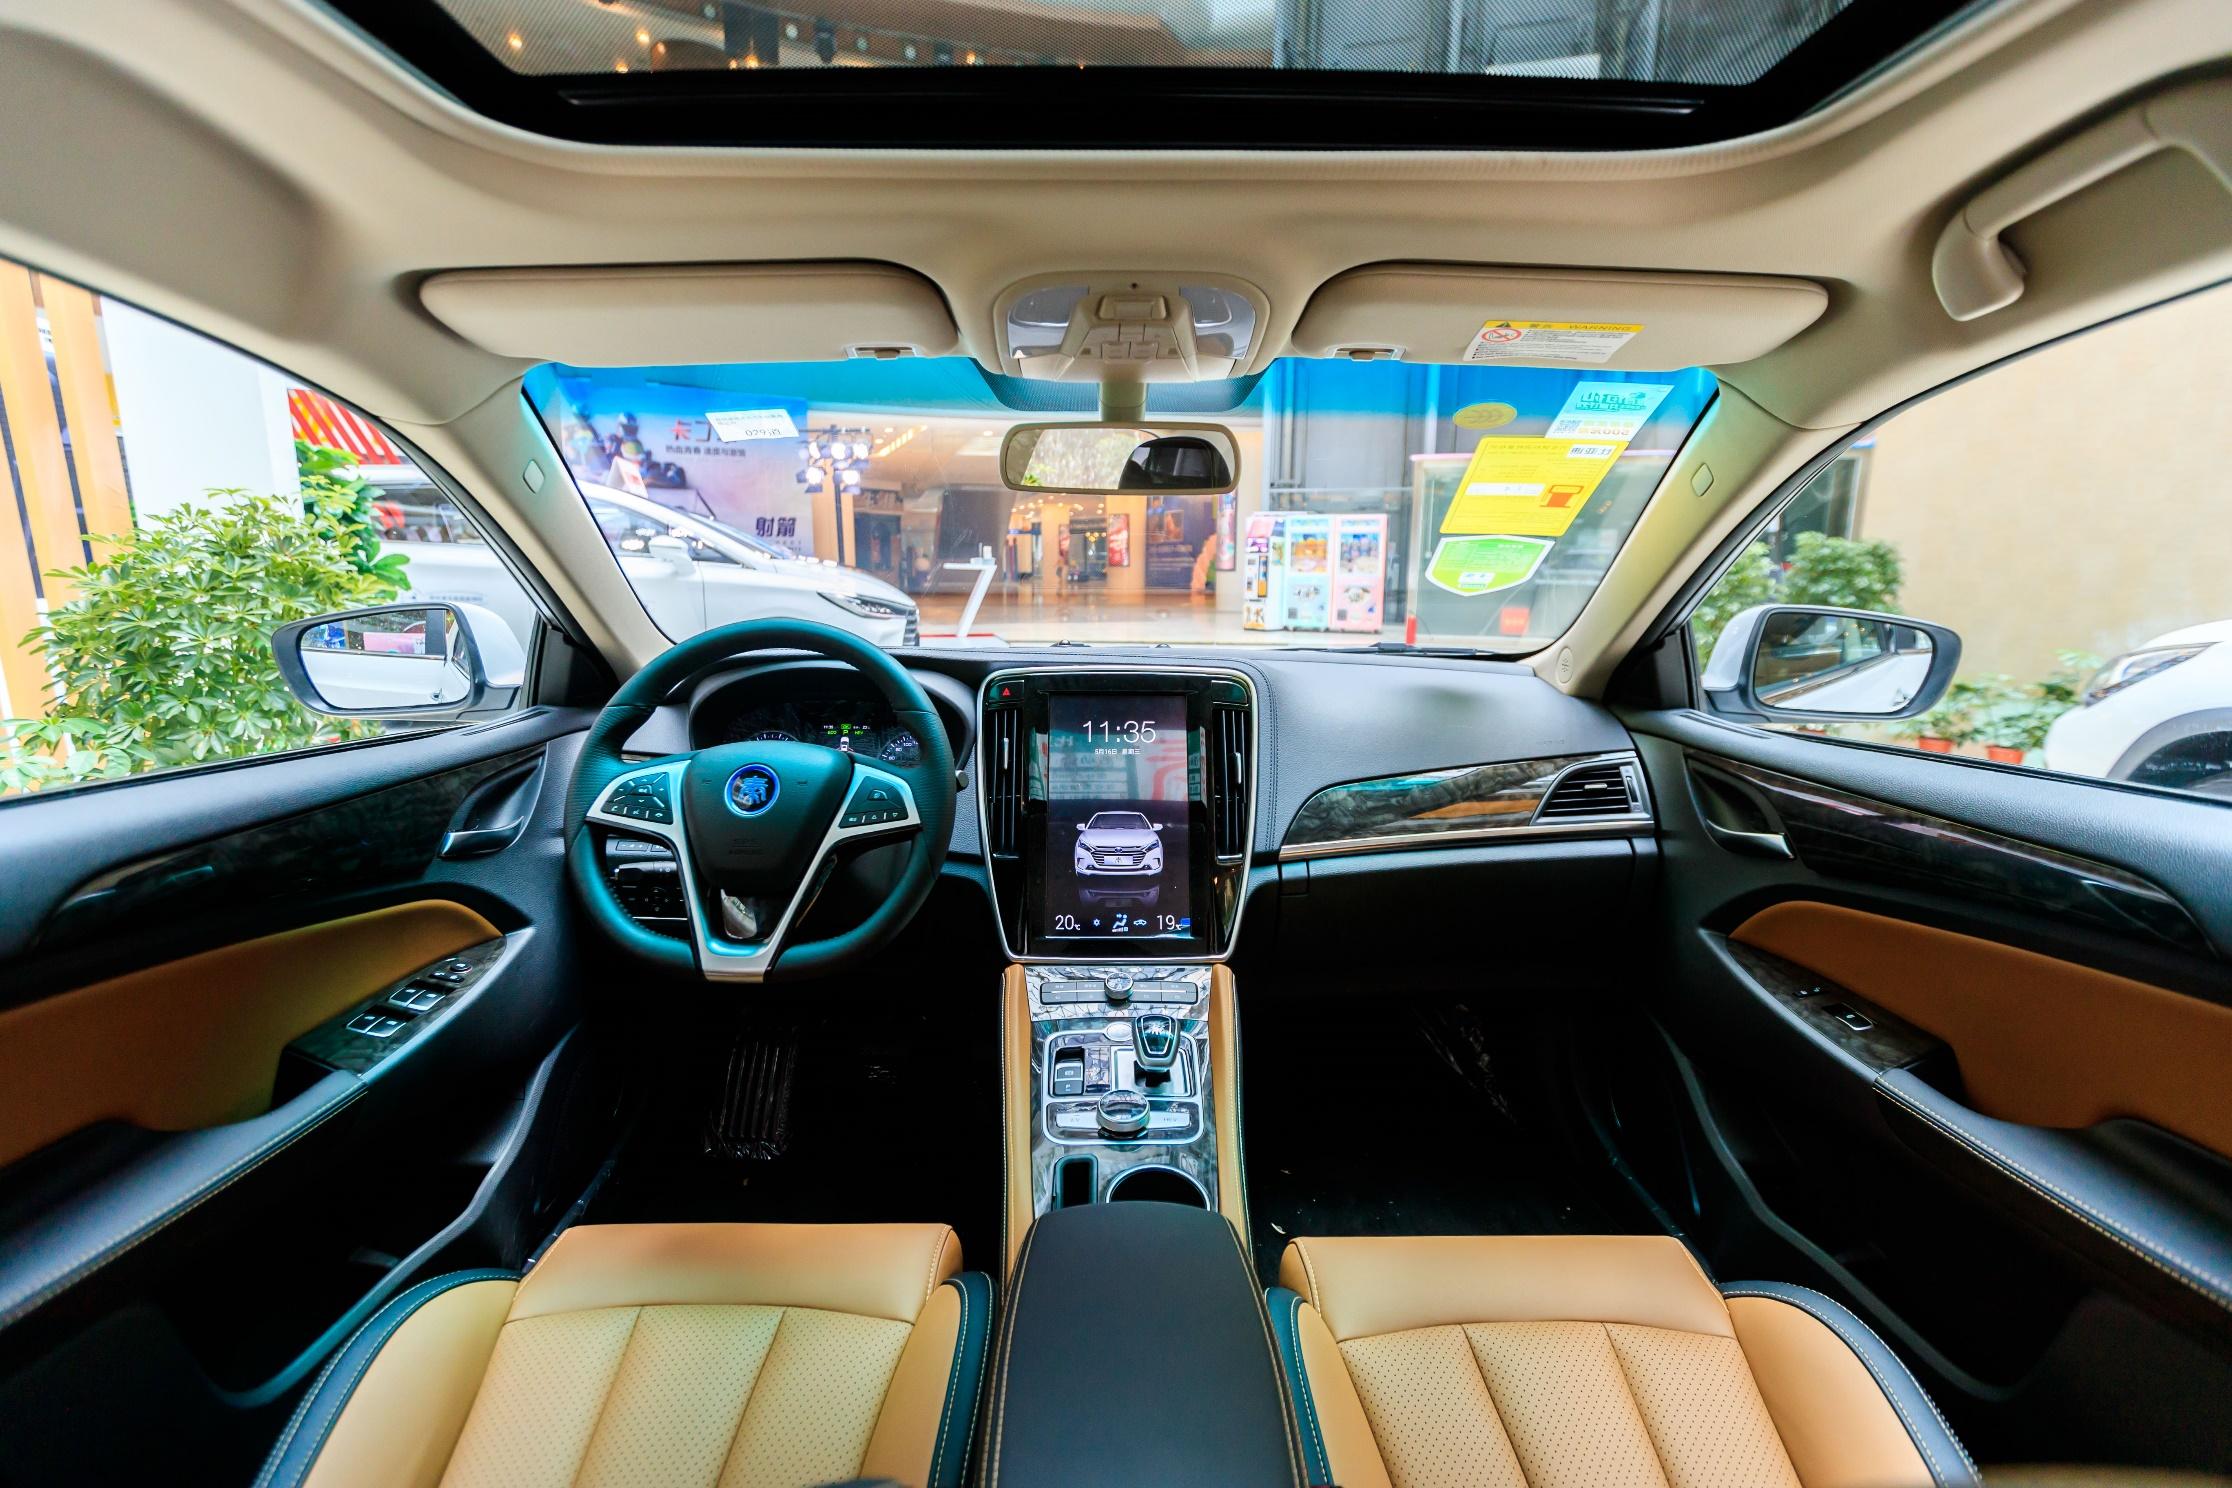 颜值与实力并存 比亚迪众明星车型亮相盘锦